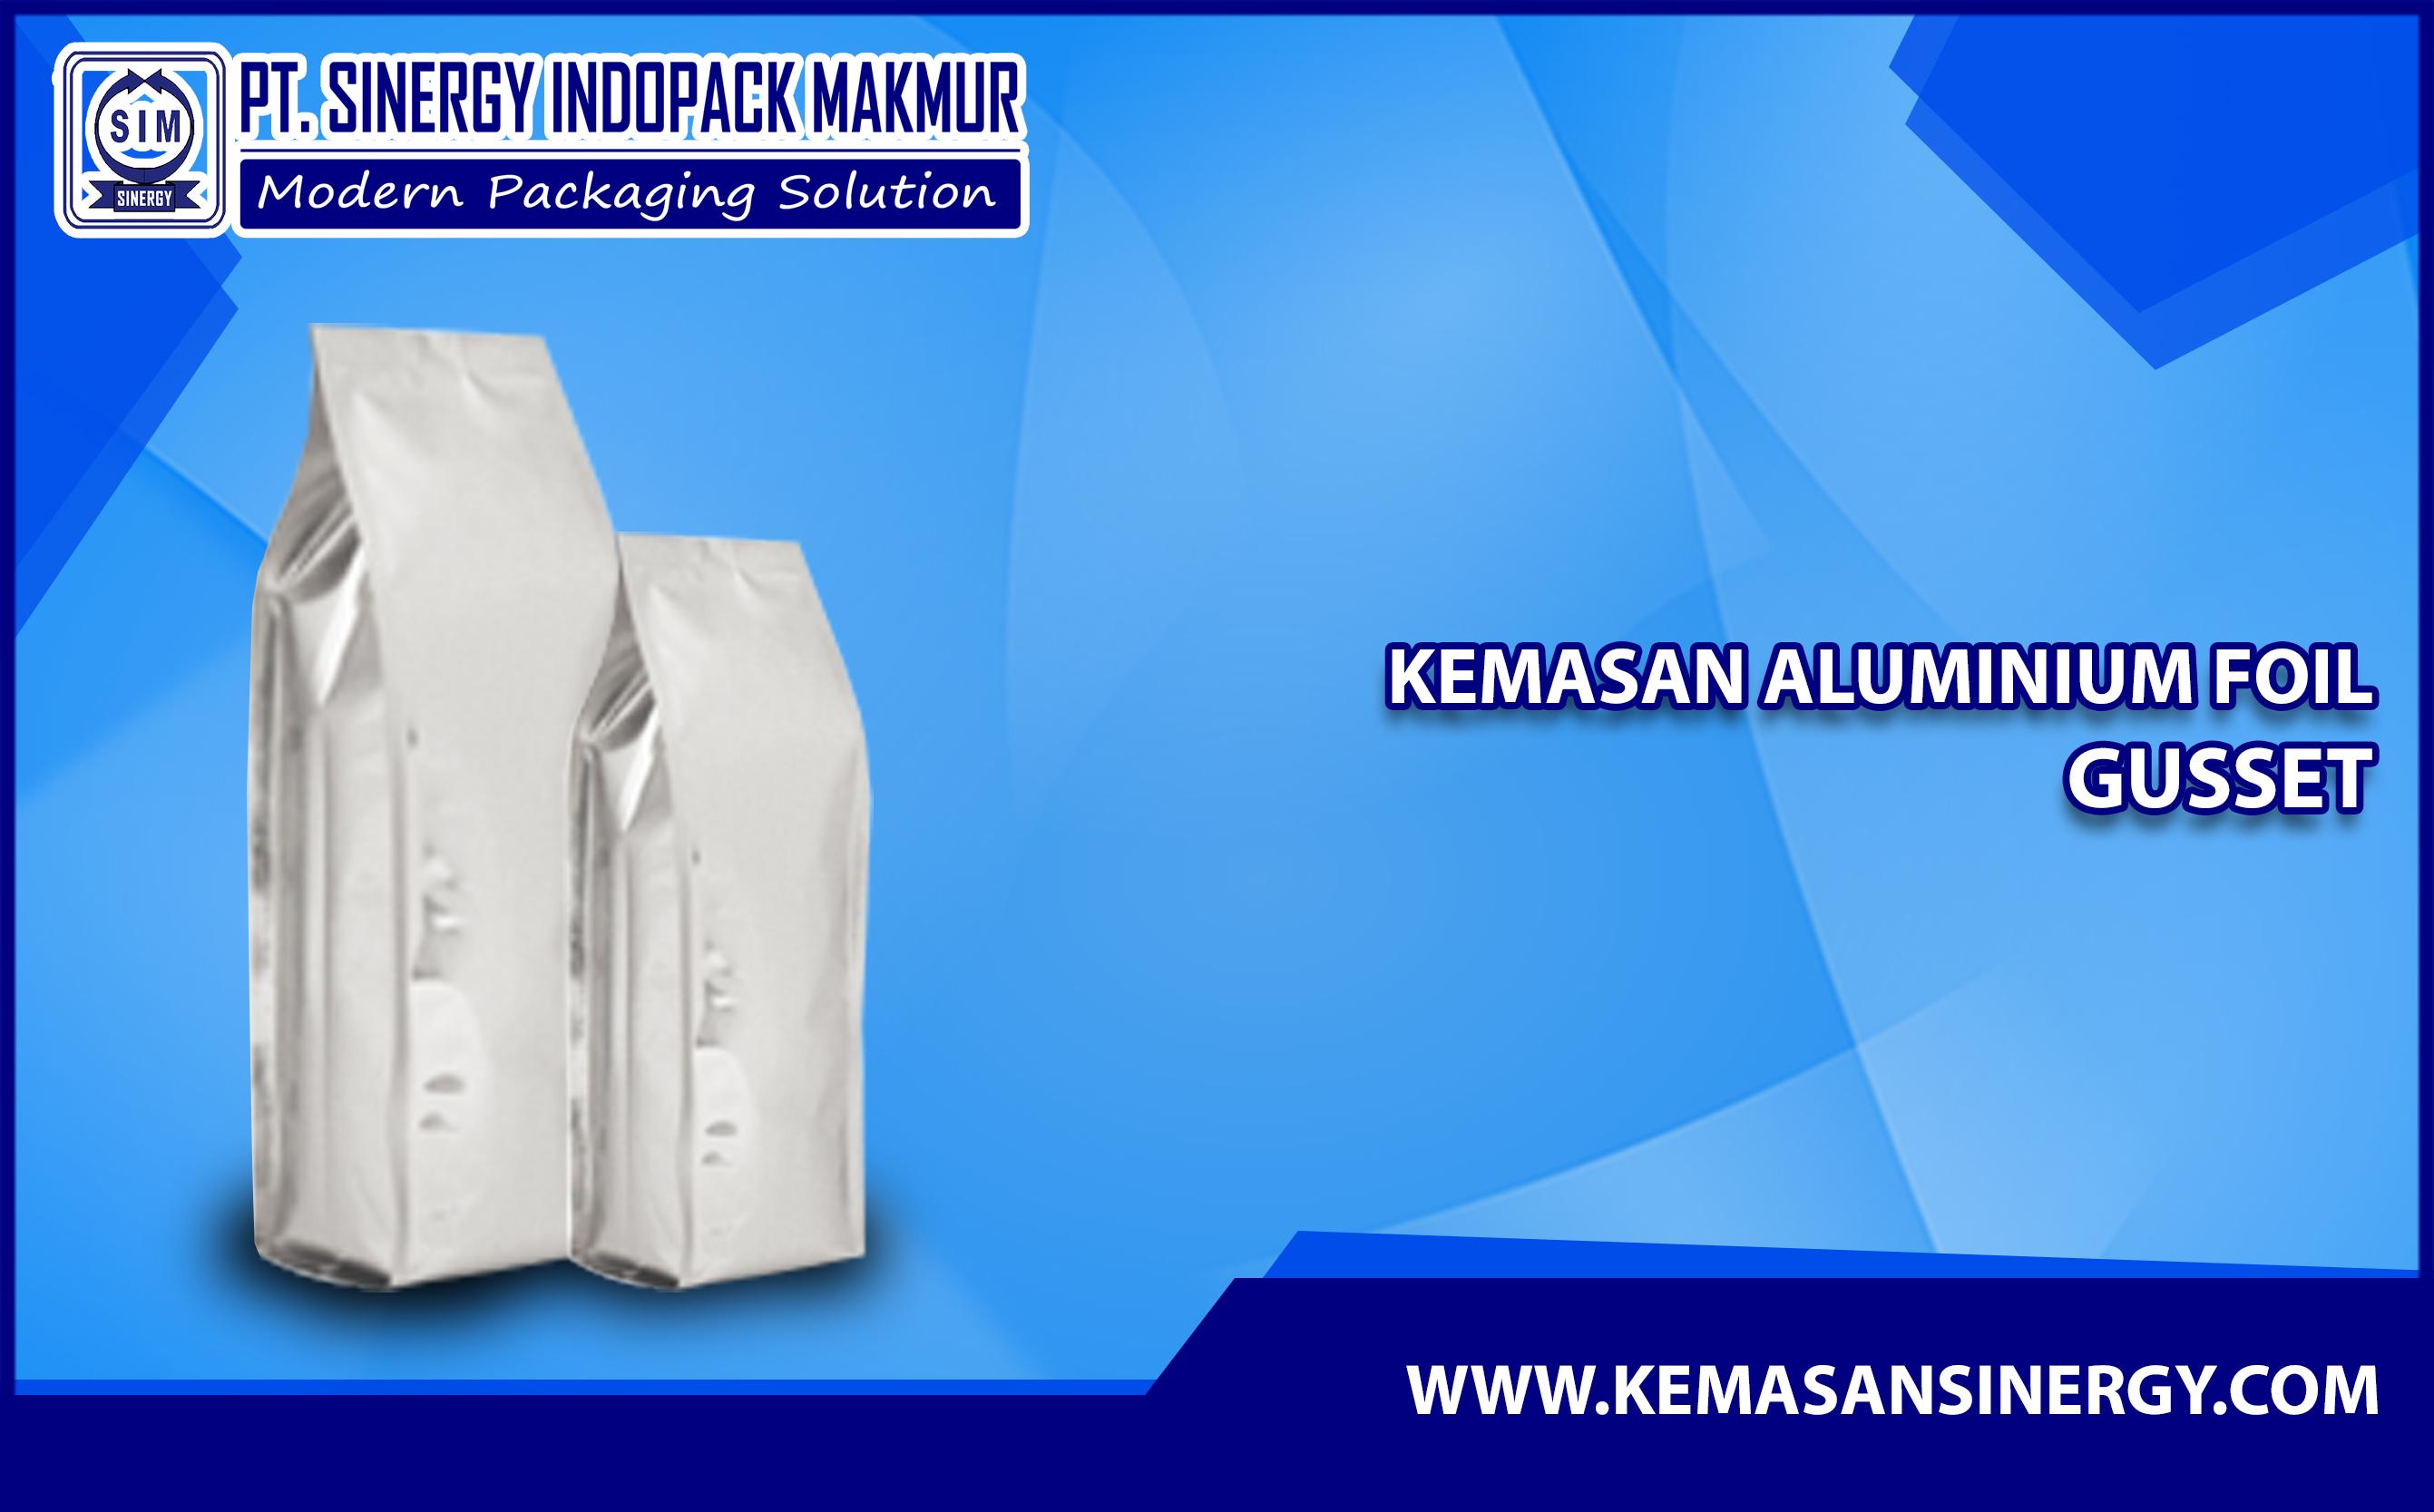 Kemasan Aluminium Foil (Alufoil Gusset)